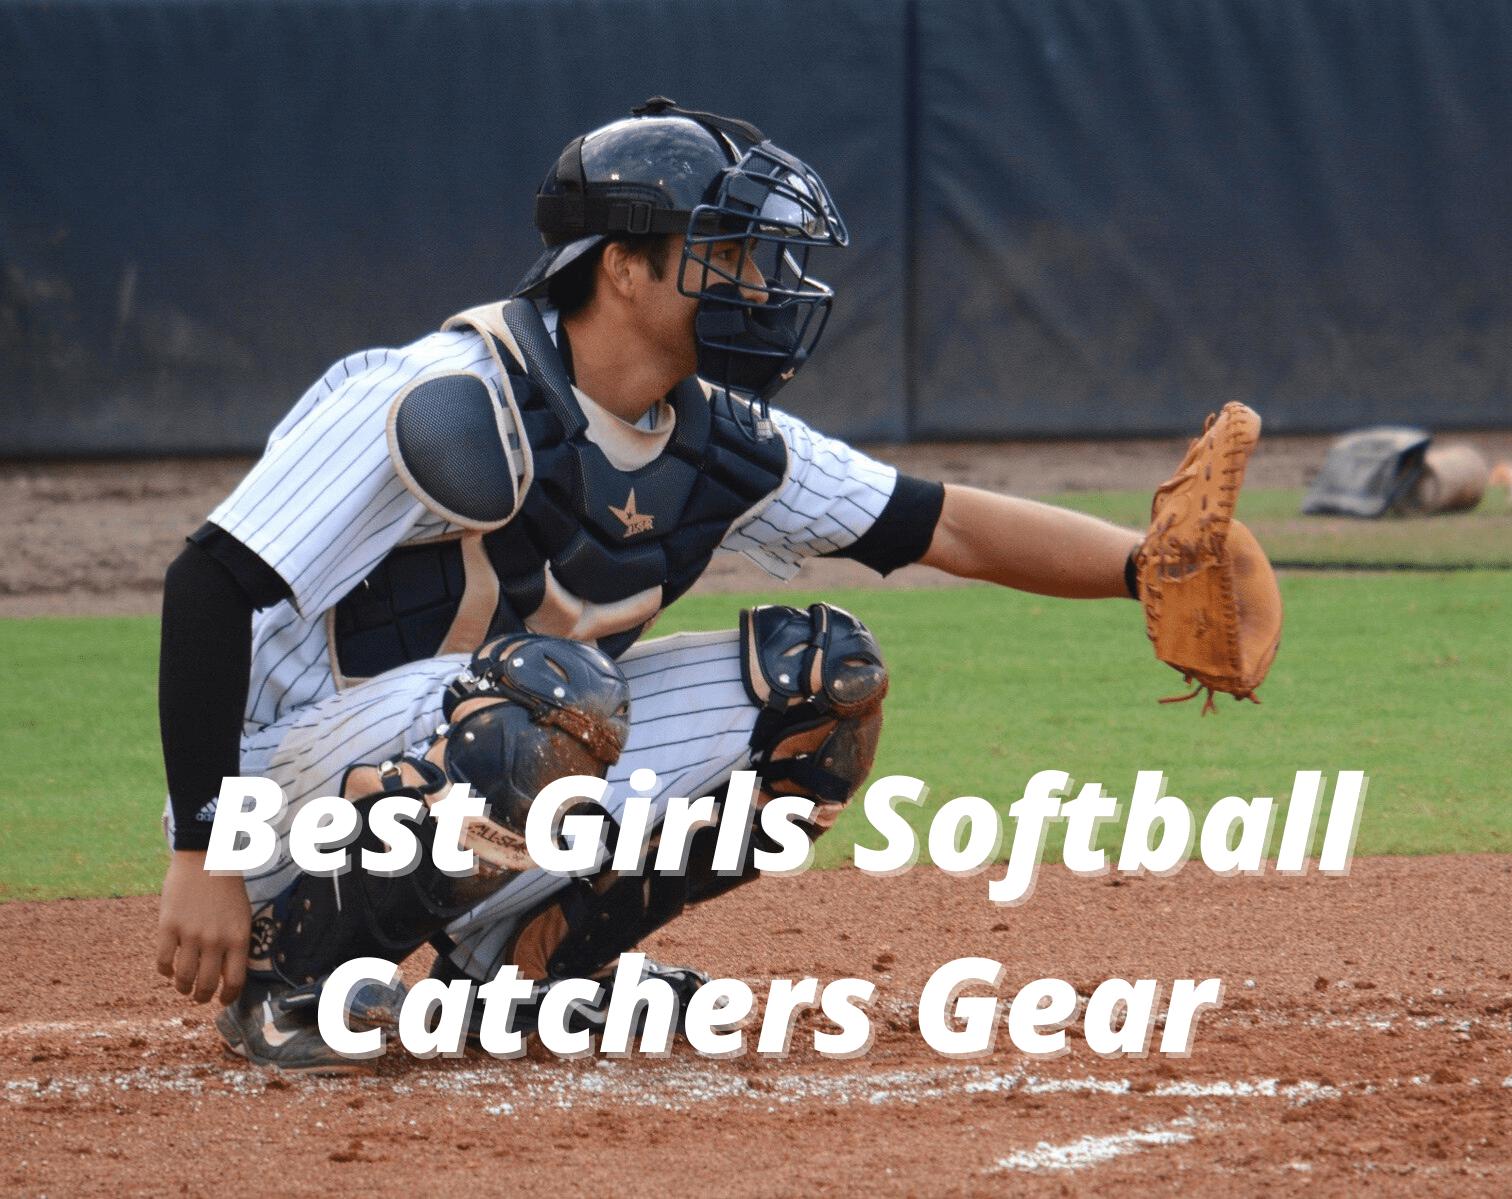 Best Girls Softball Catchers Gear